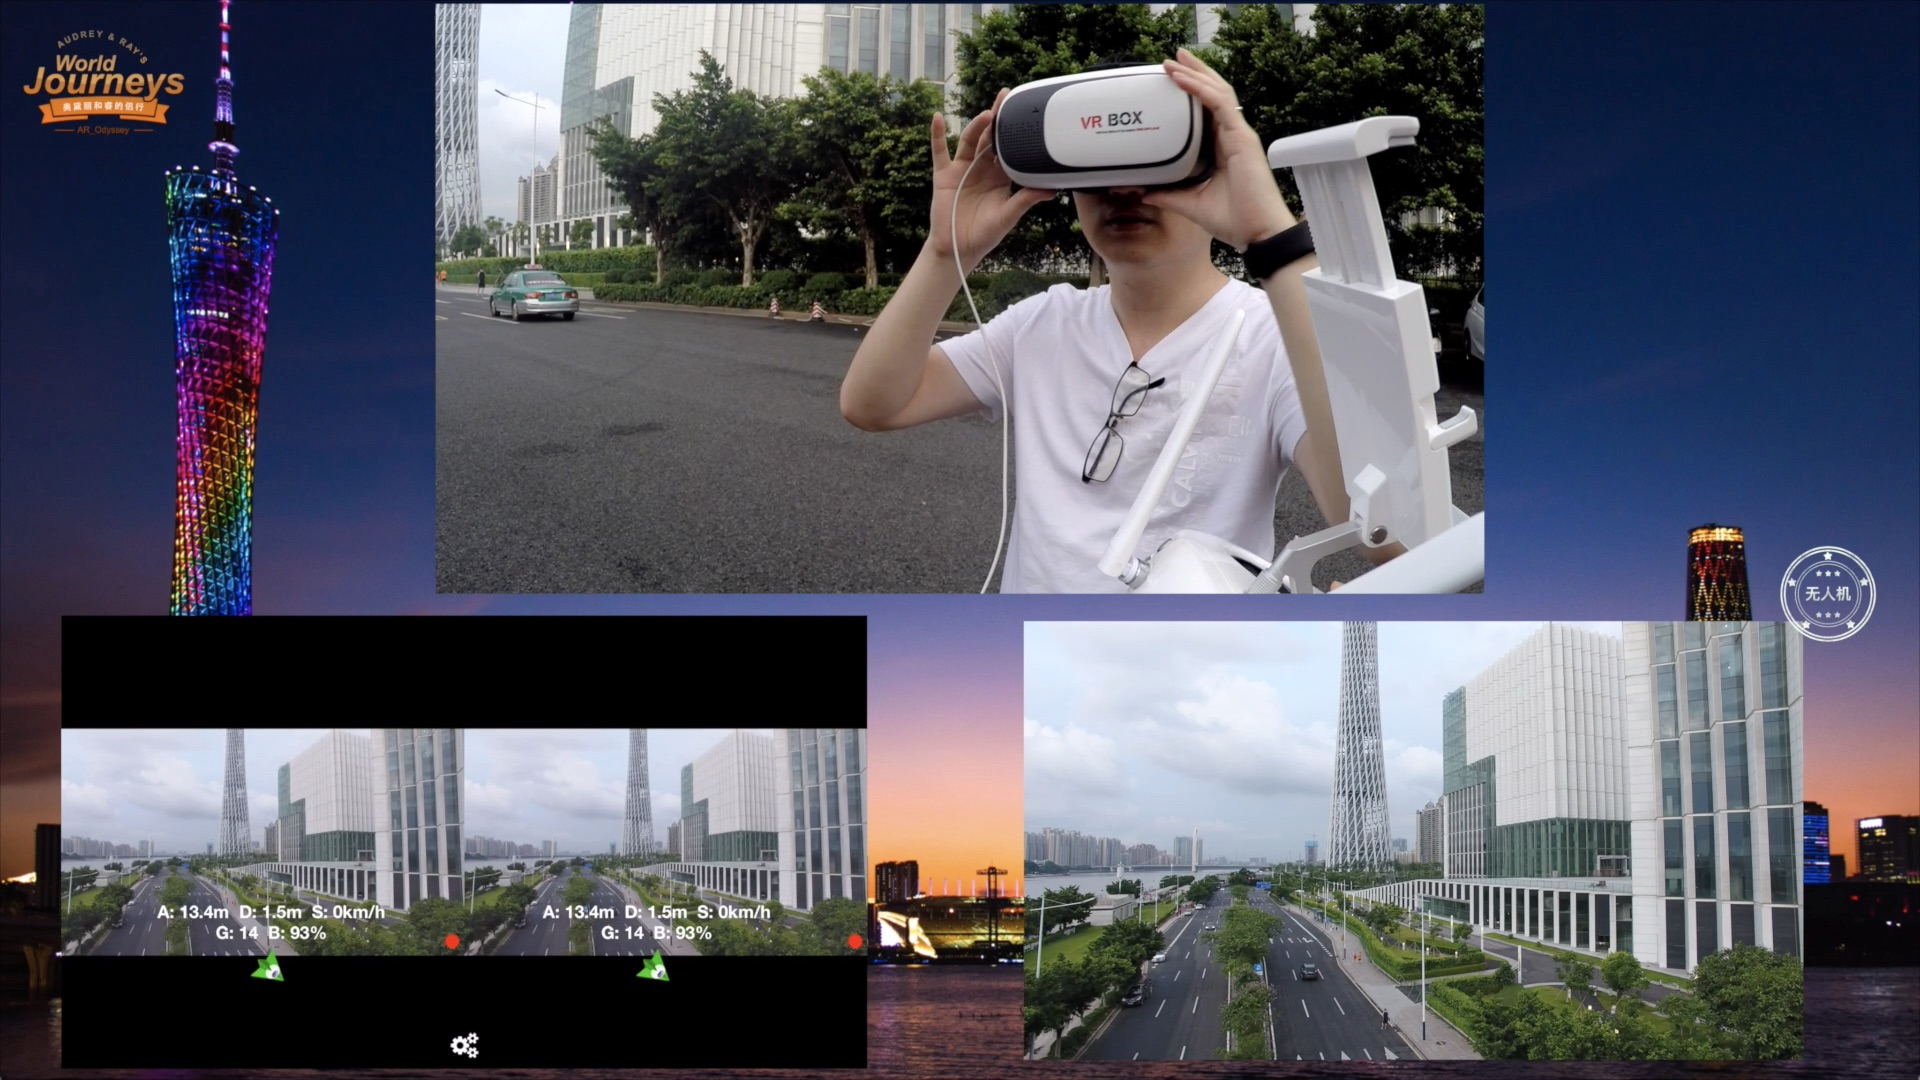 上:GoPro视角;左下:iPhone屏幕;右下:无人机视角